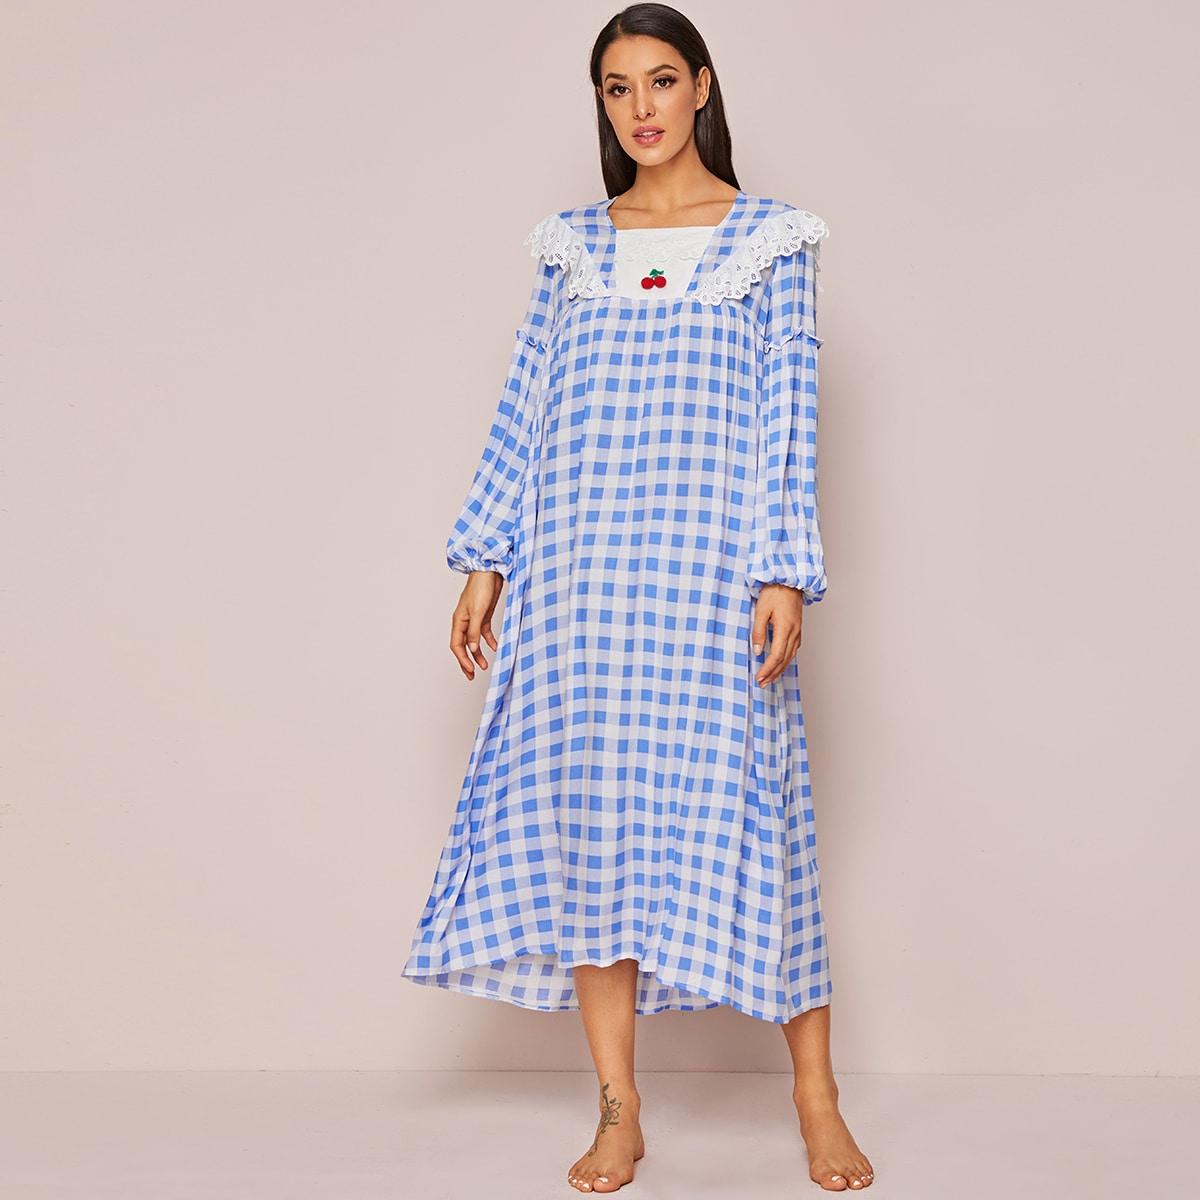 Nachtkleid mit Kirsche Detail, Laternenärmeln und Karo Muster